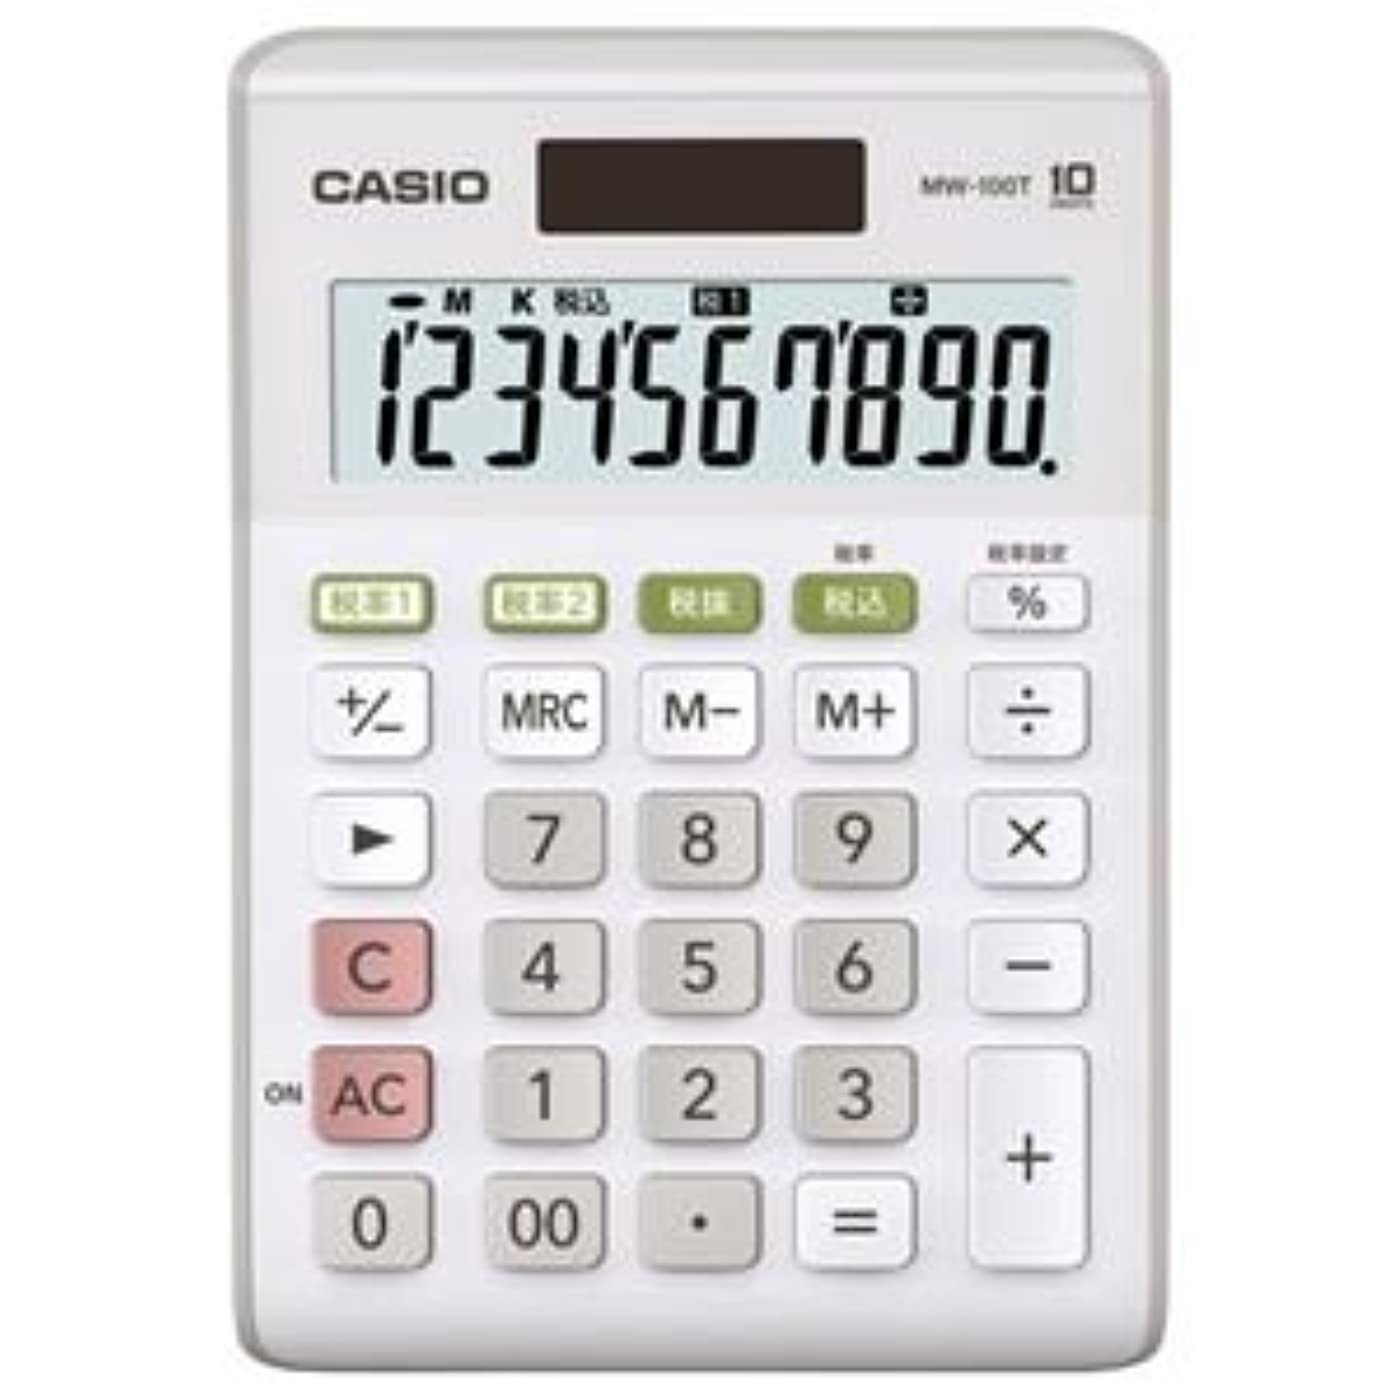 ソーダ水後方に慈善(まとめ) カシオ CASIO W税率電卓 10桁 ミニジャストタイプ ホワイト MW-100T-WE-N 1台 【×4セット】